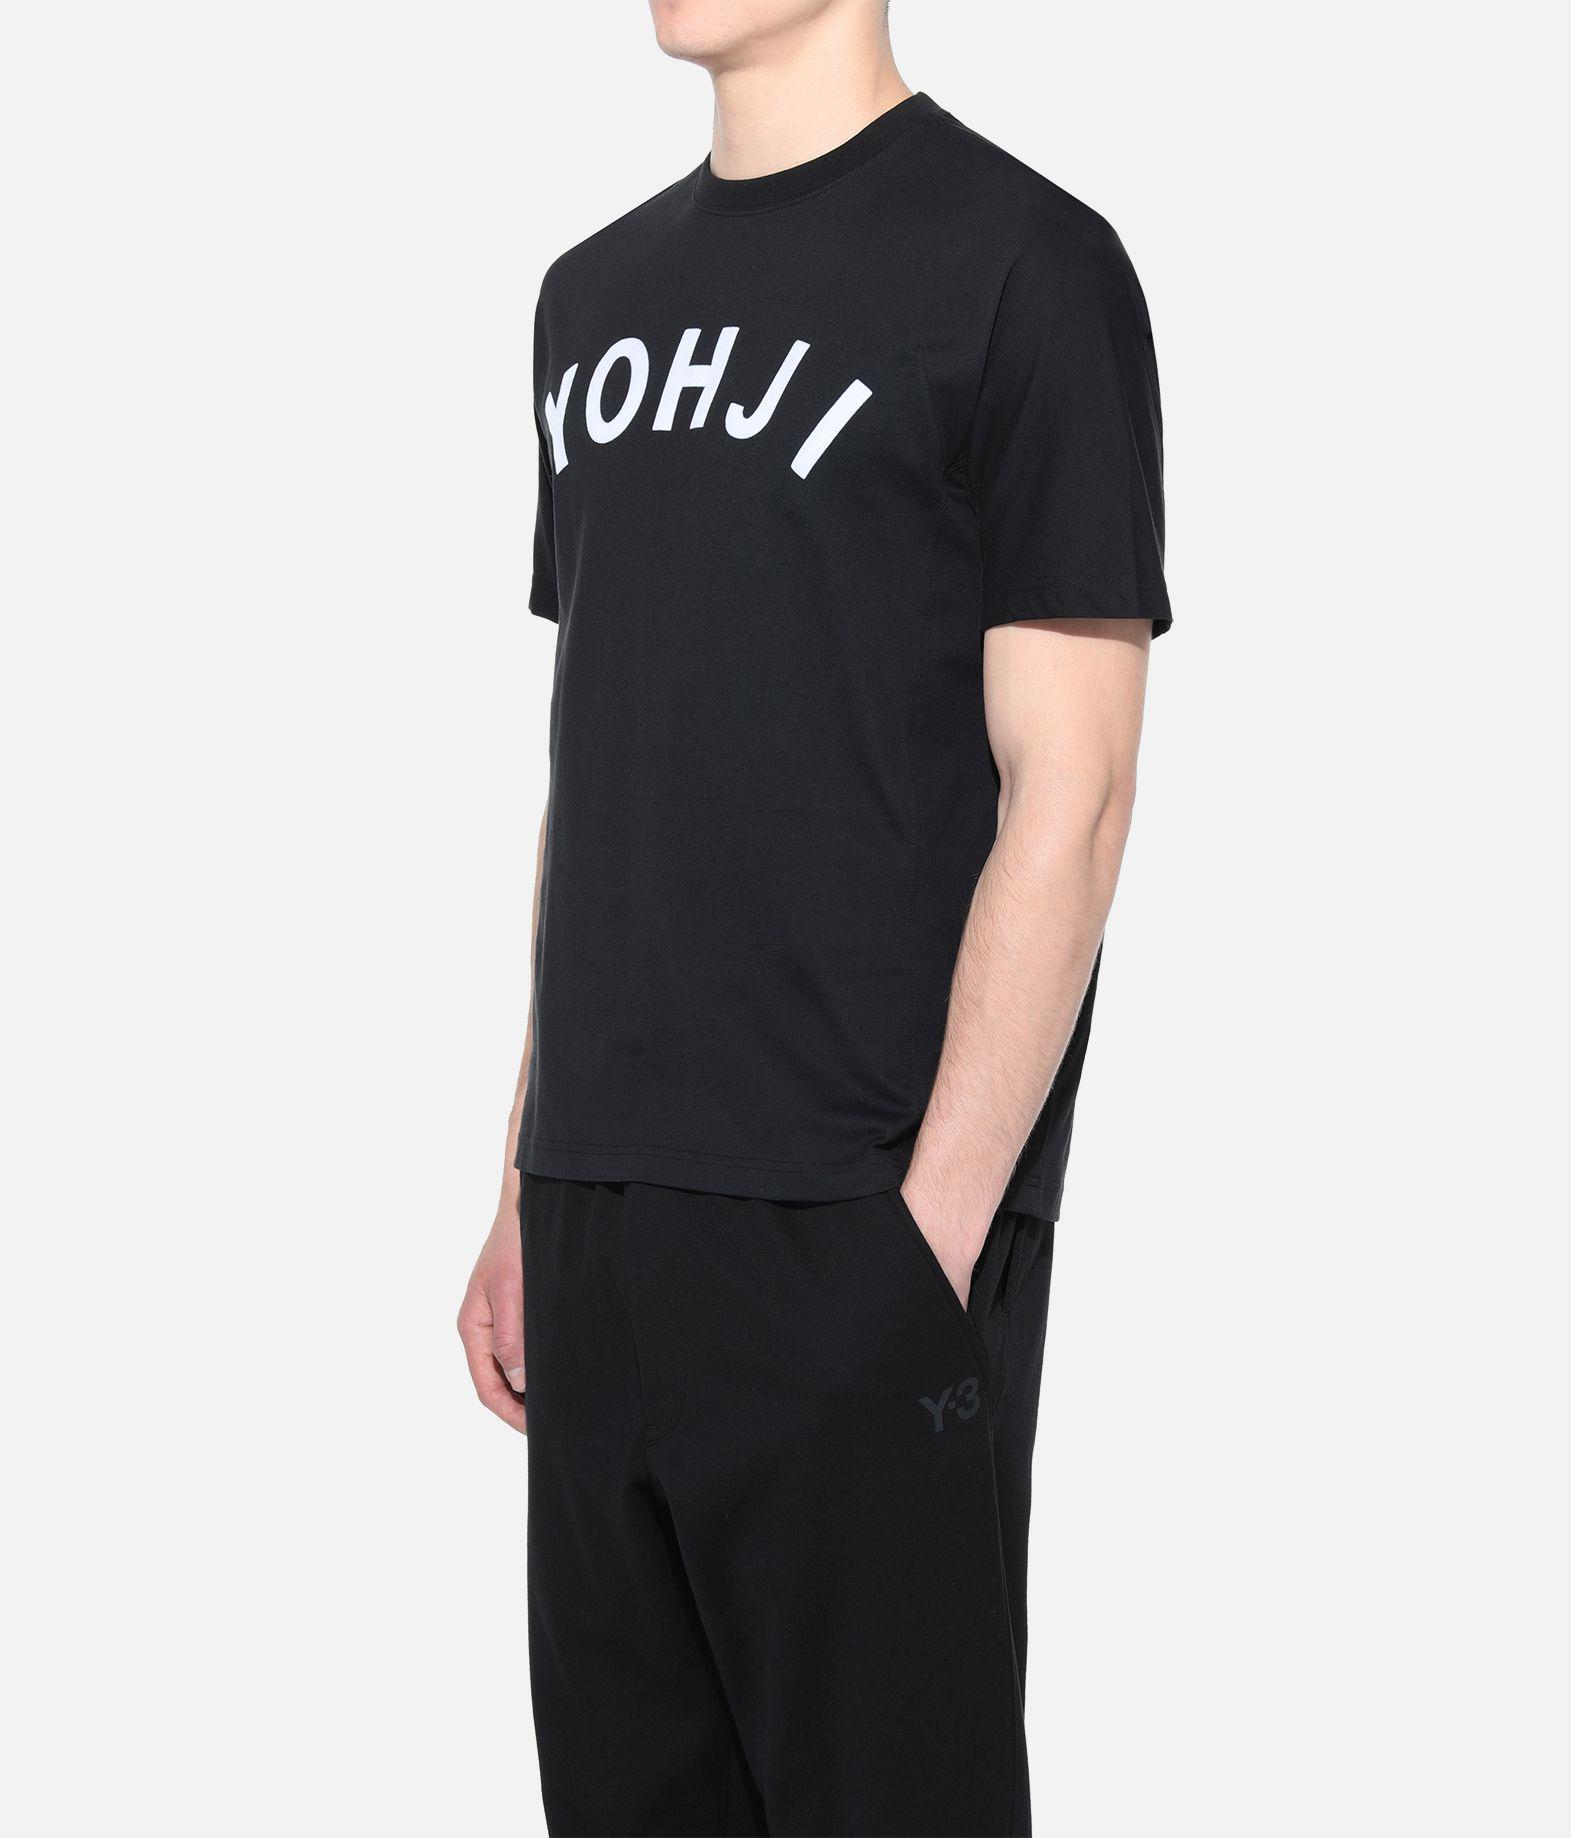 Y-3 Y-3 Yohji Letters Tee T-shirt maniche corte Uomo e